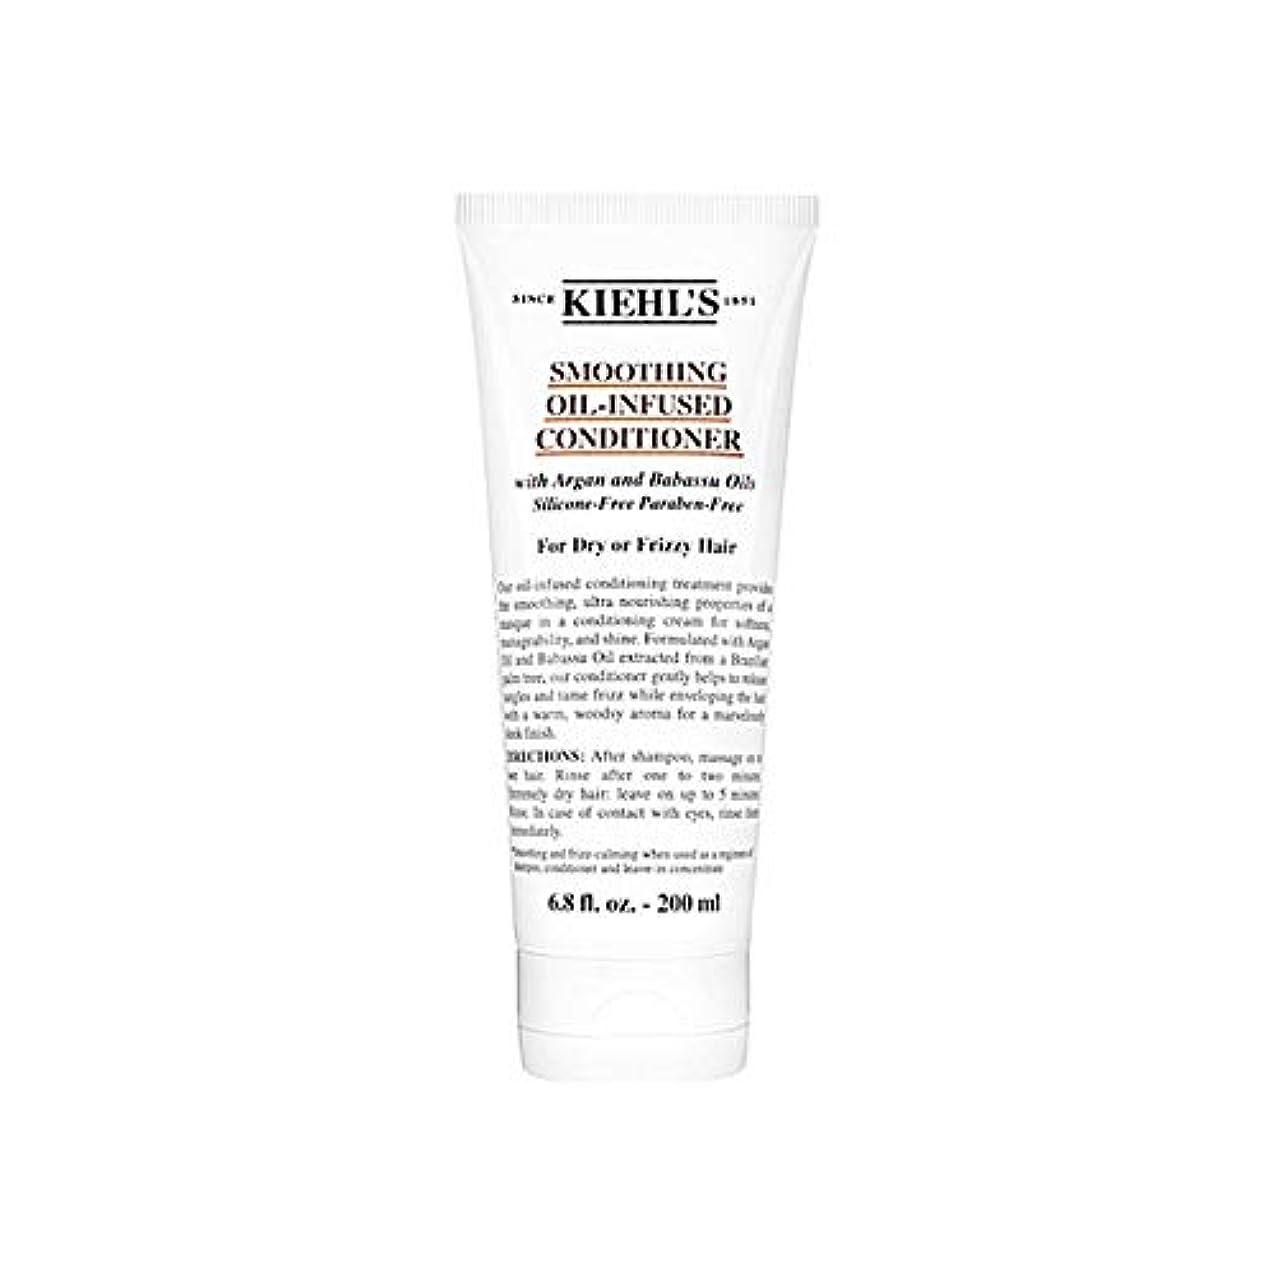 シャーロックホームズ絶妙討論[Kiehl's ] キールズスムージングオイル注入コンディショナー200Ml - Kiehl's Smoothing Oil-Infused Conditioner 200ml [並行輸入品]